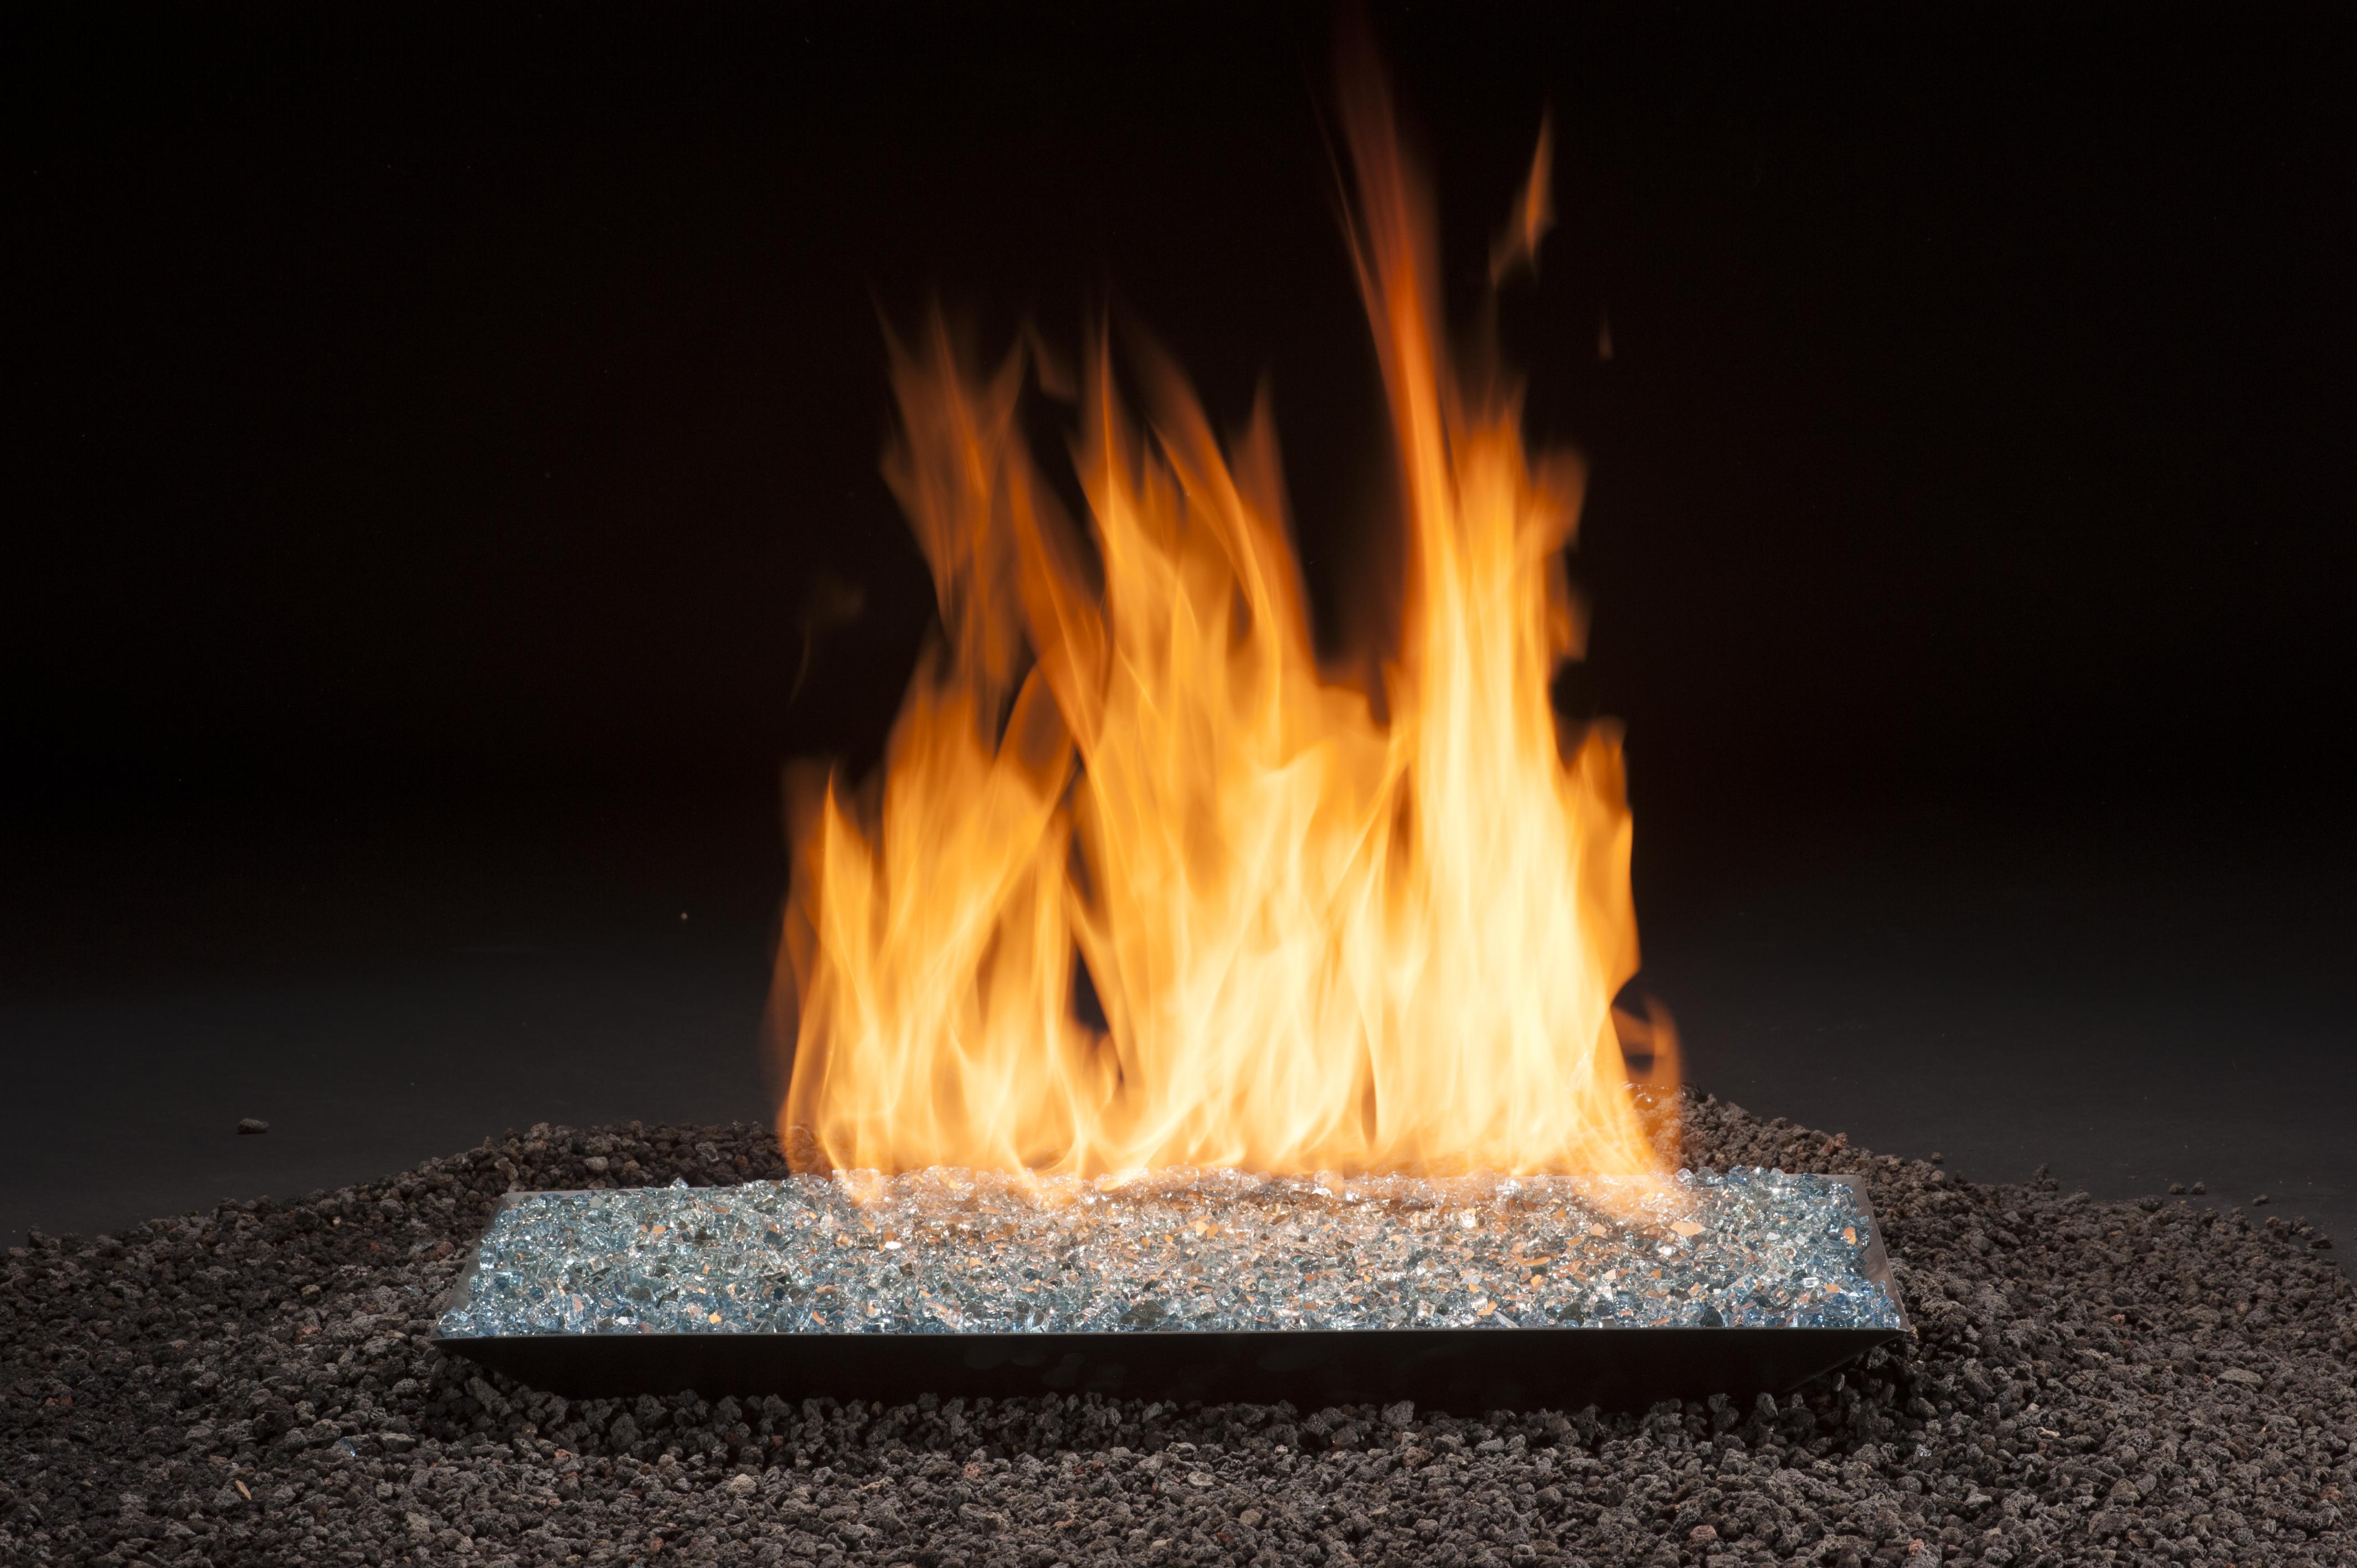 glass fire pin ventless fireplace christmas pinterest indoor fireglass